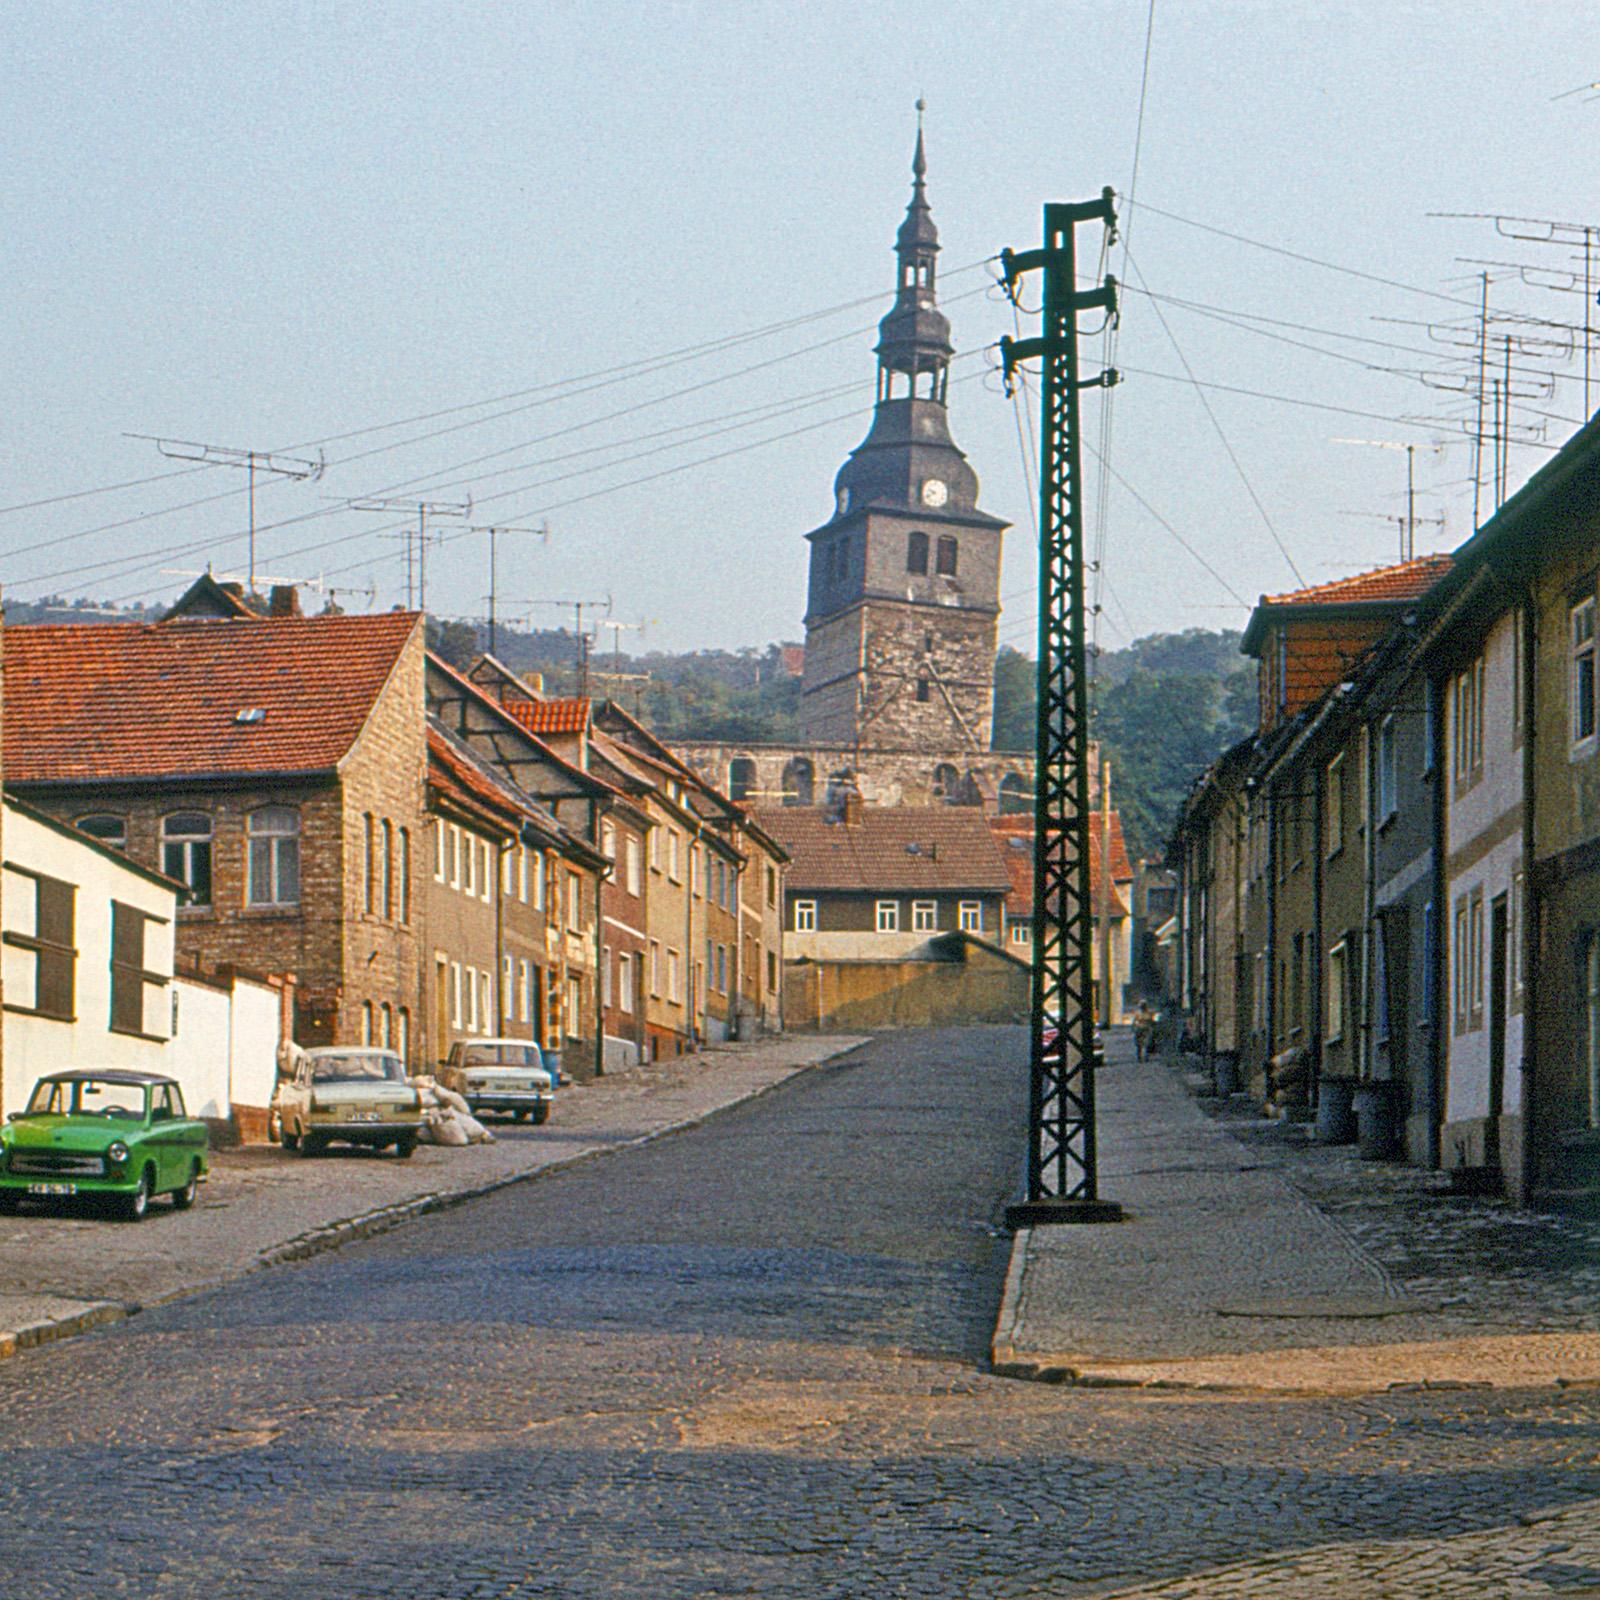 File:1982-09 Bad Frankenhausen-Bornstraße, evangelische